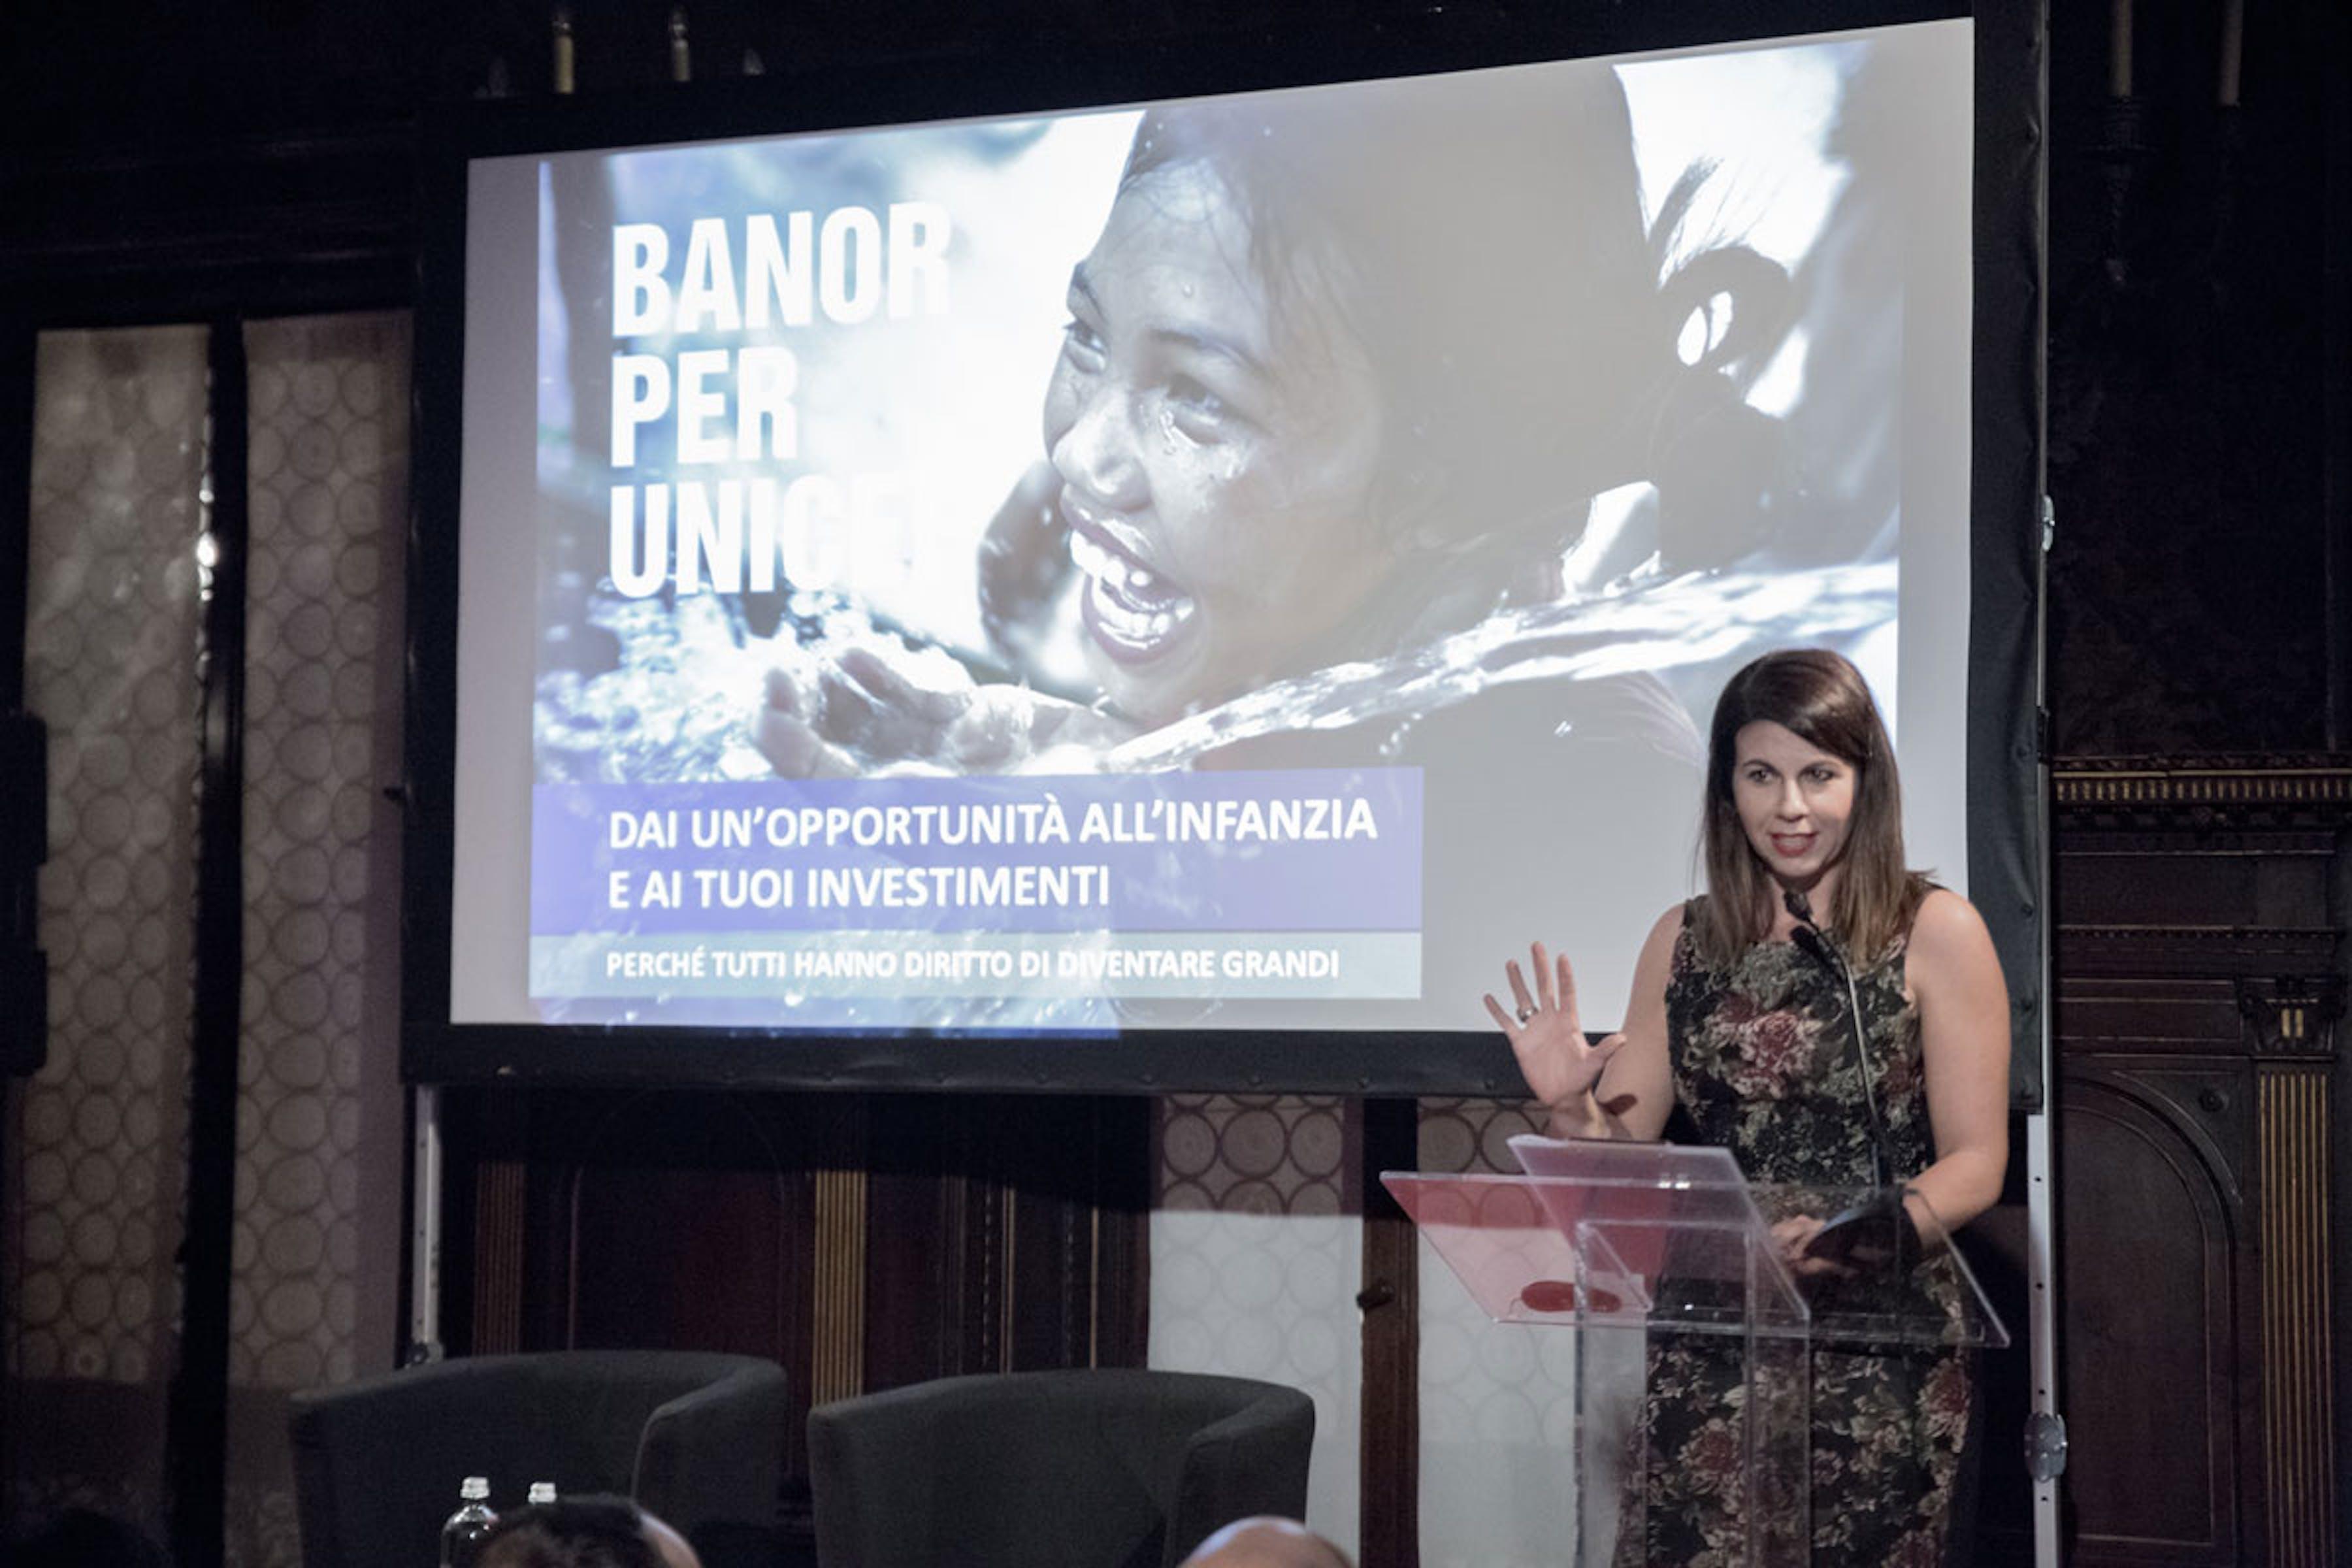 Geppi Cucciari, testimonial della cerimonia di presentazione del fondo Banor per l'UNICEF a Milano